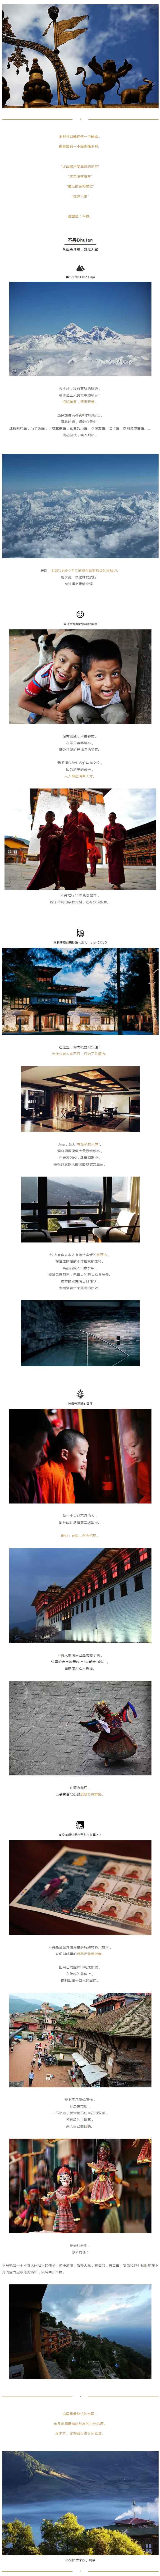 旅行社风景区简约清新图文风景微信公众号模板